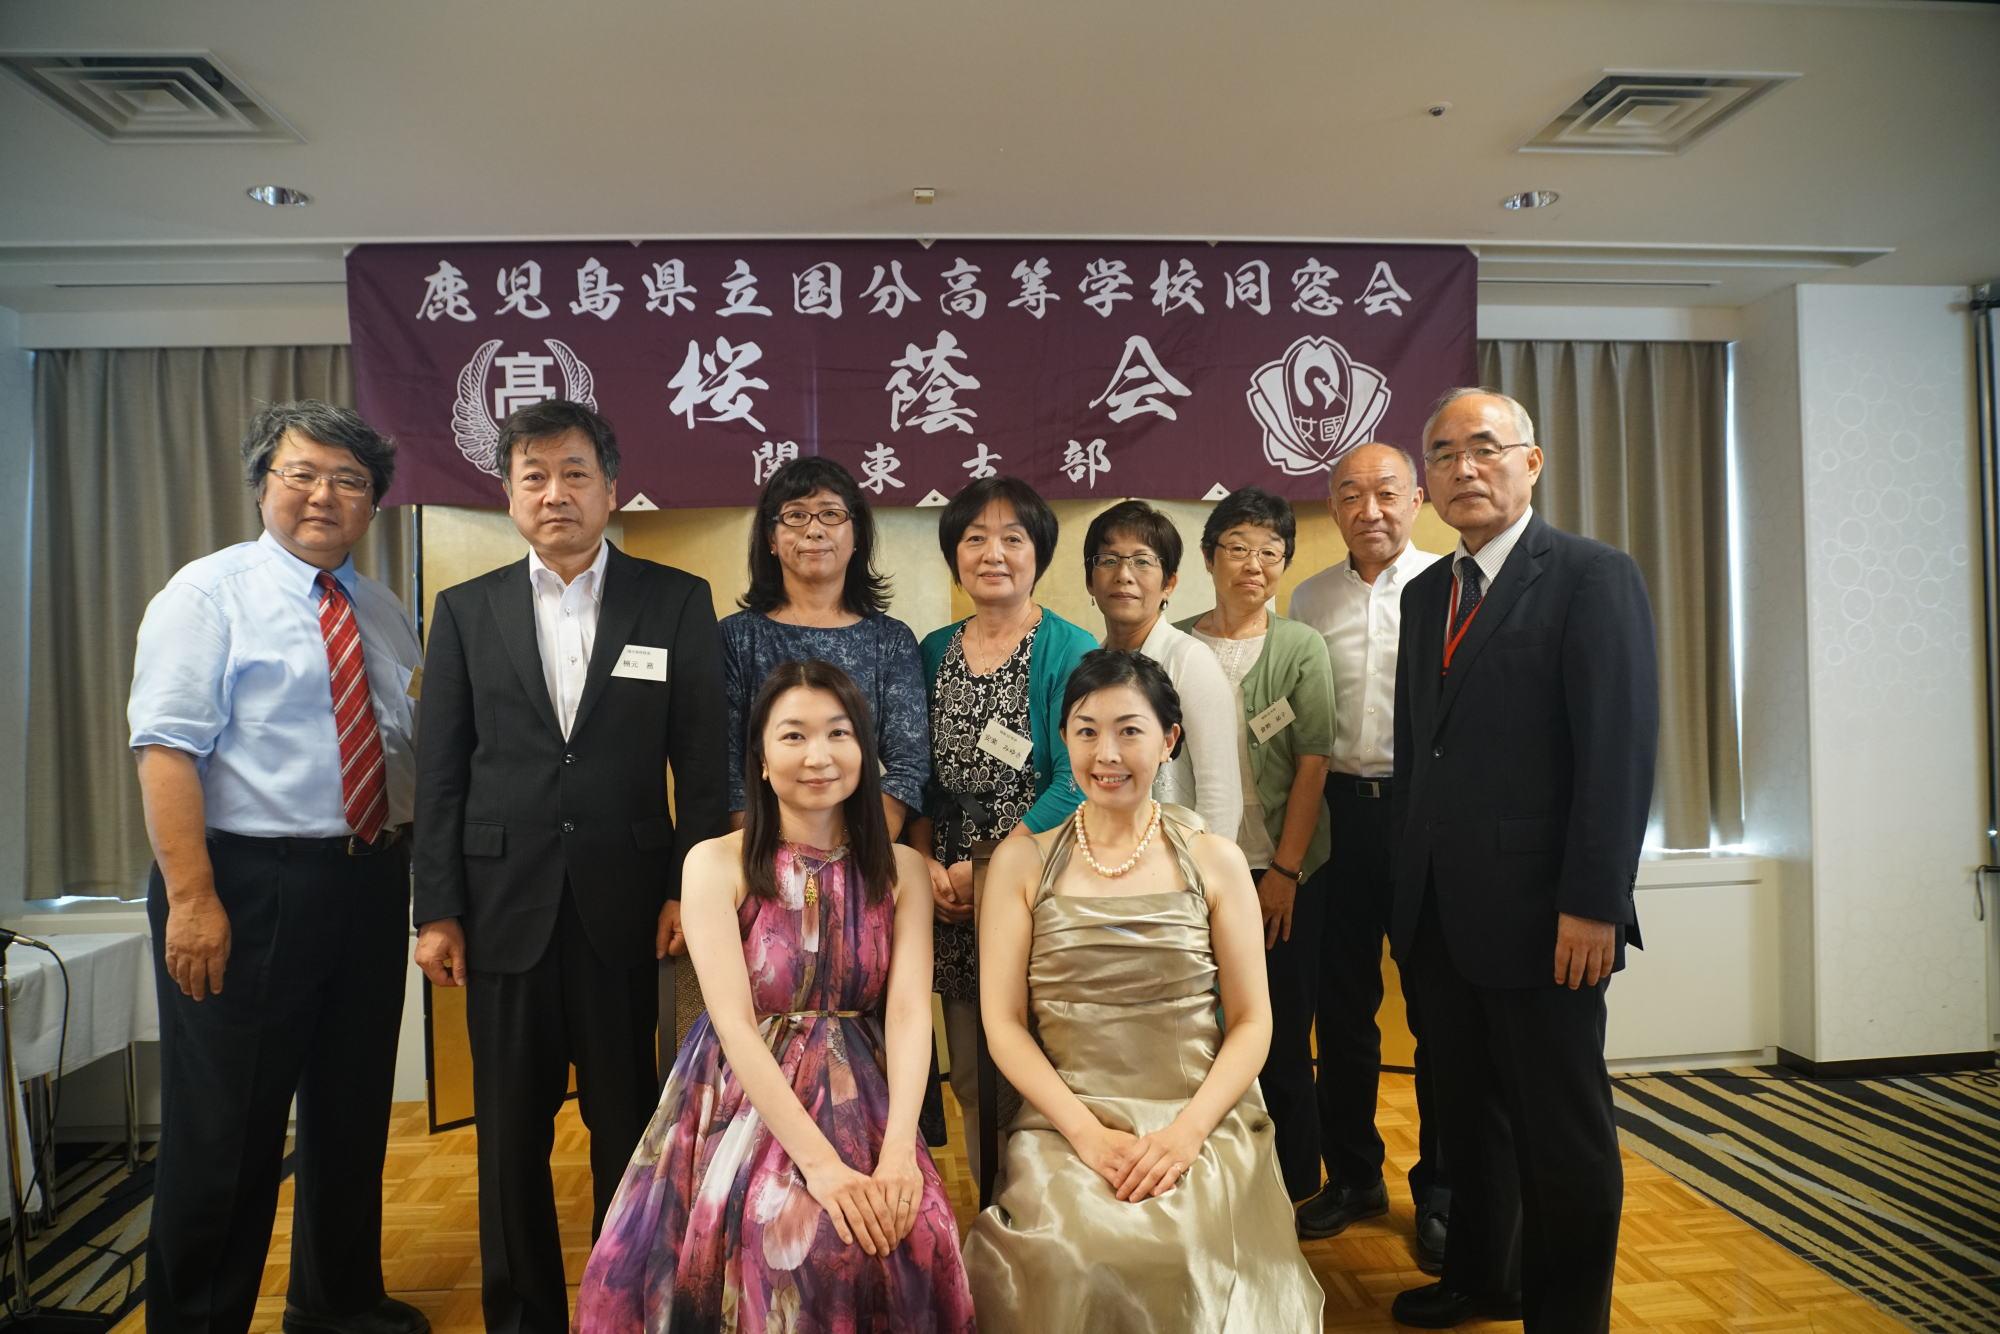 令和元年 桜蔭会関東支部総会が開催されました